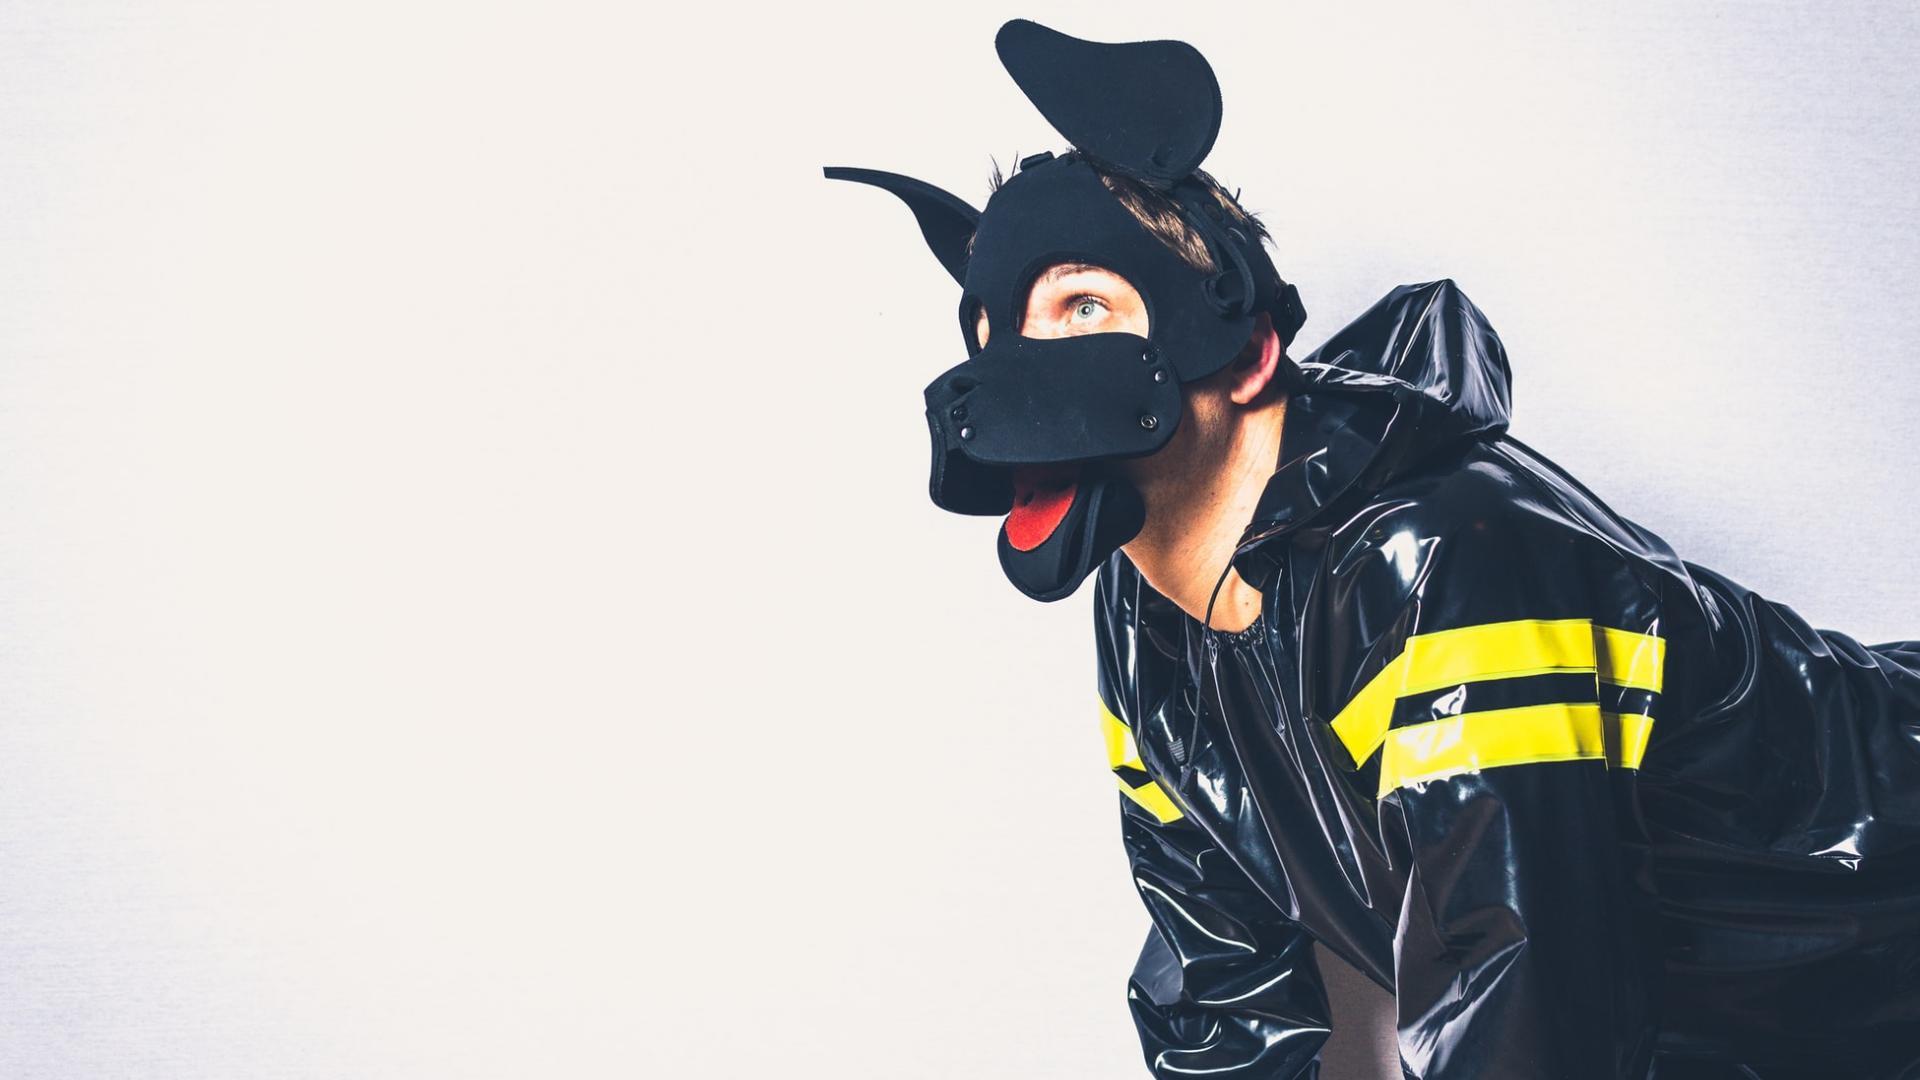 Mann im Hundekostüm